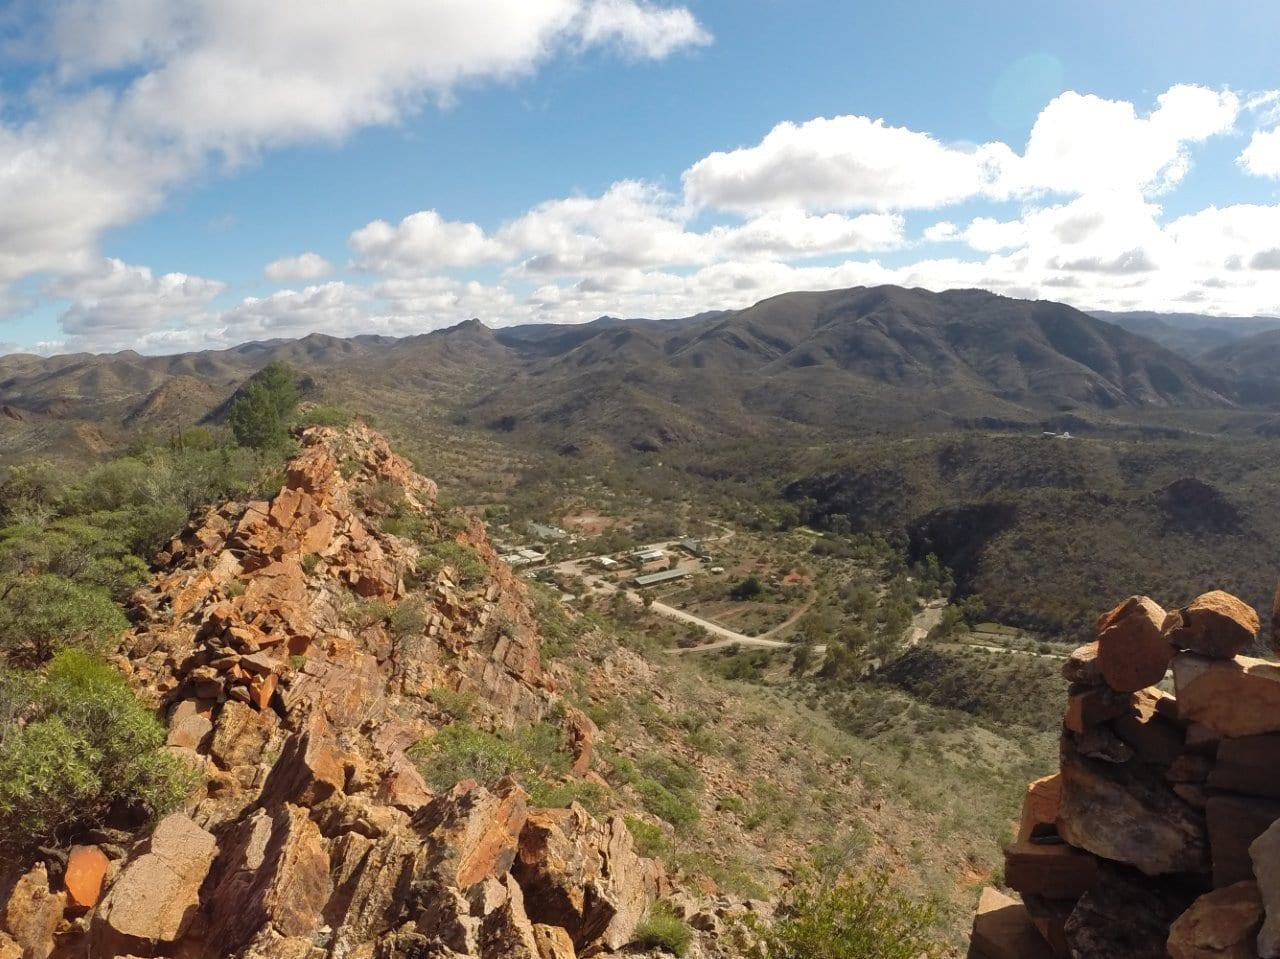 Arkaroola Walking Trails